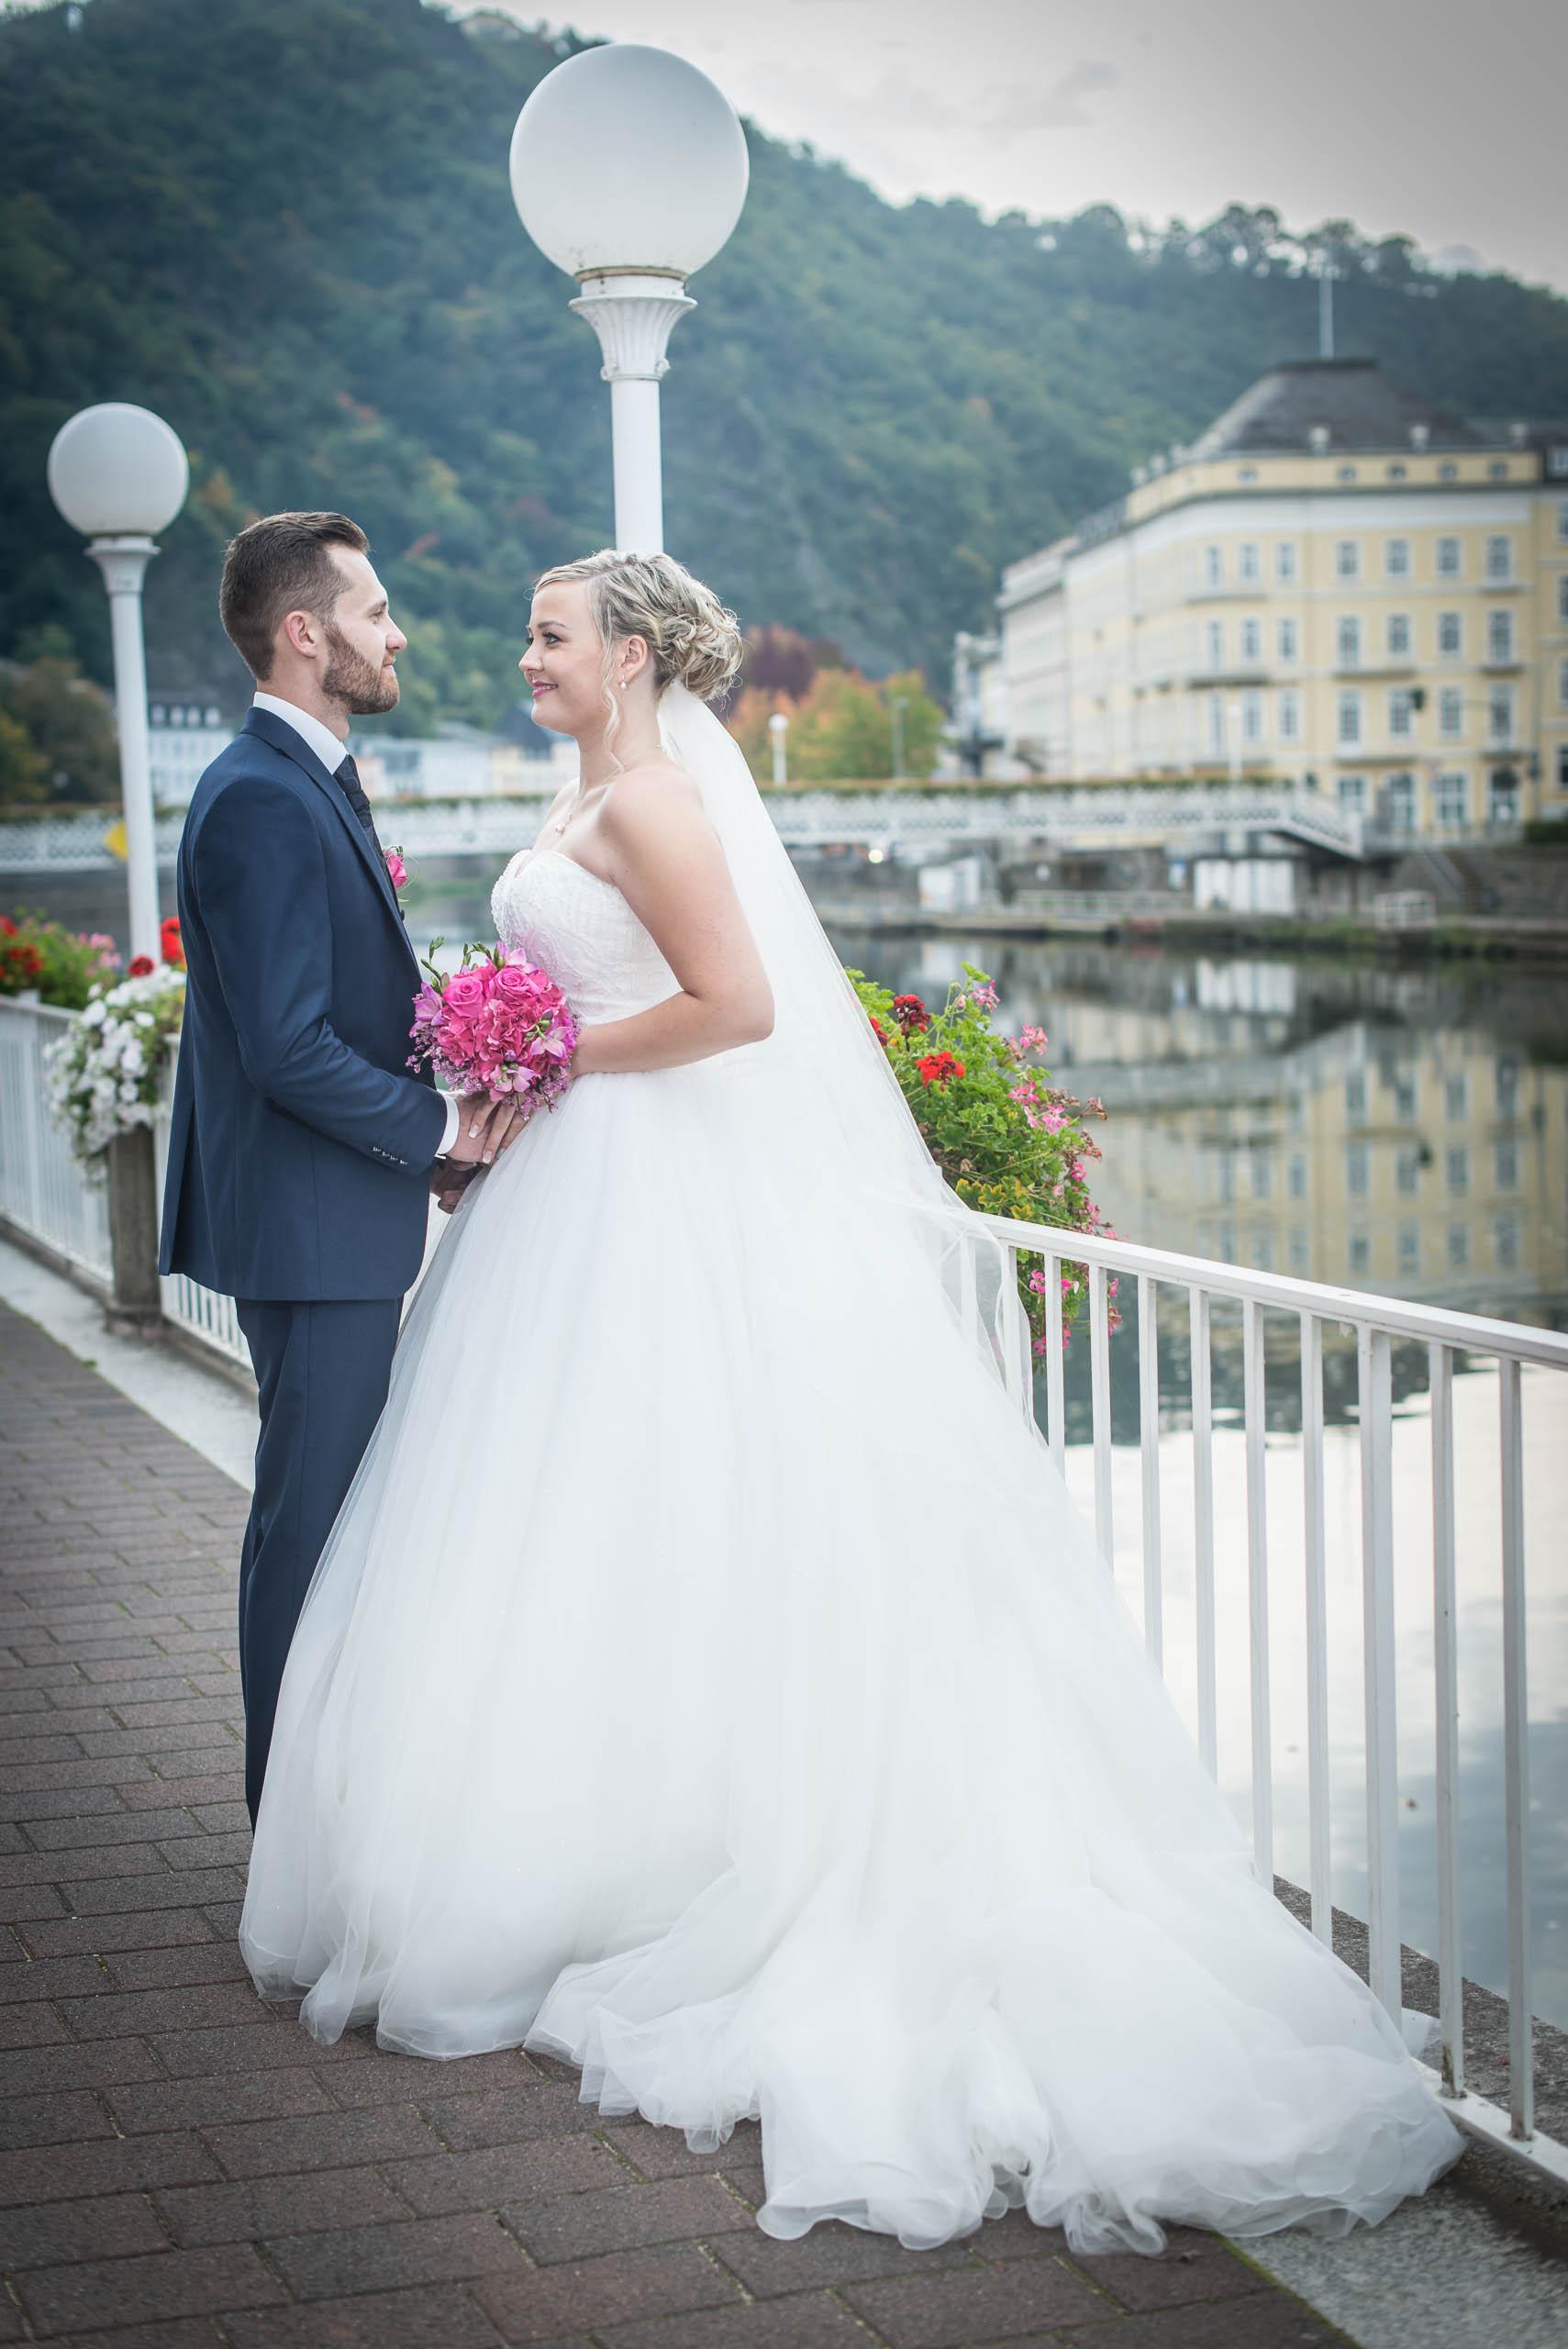 Brautpaar posiert am Brückengeländer und schauen sich gegenseitig an hochzeitsvideo hochzeit filmen lassn hochzeitsvideo koeln hochzeitsvideo